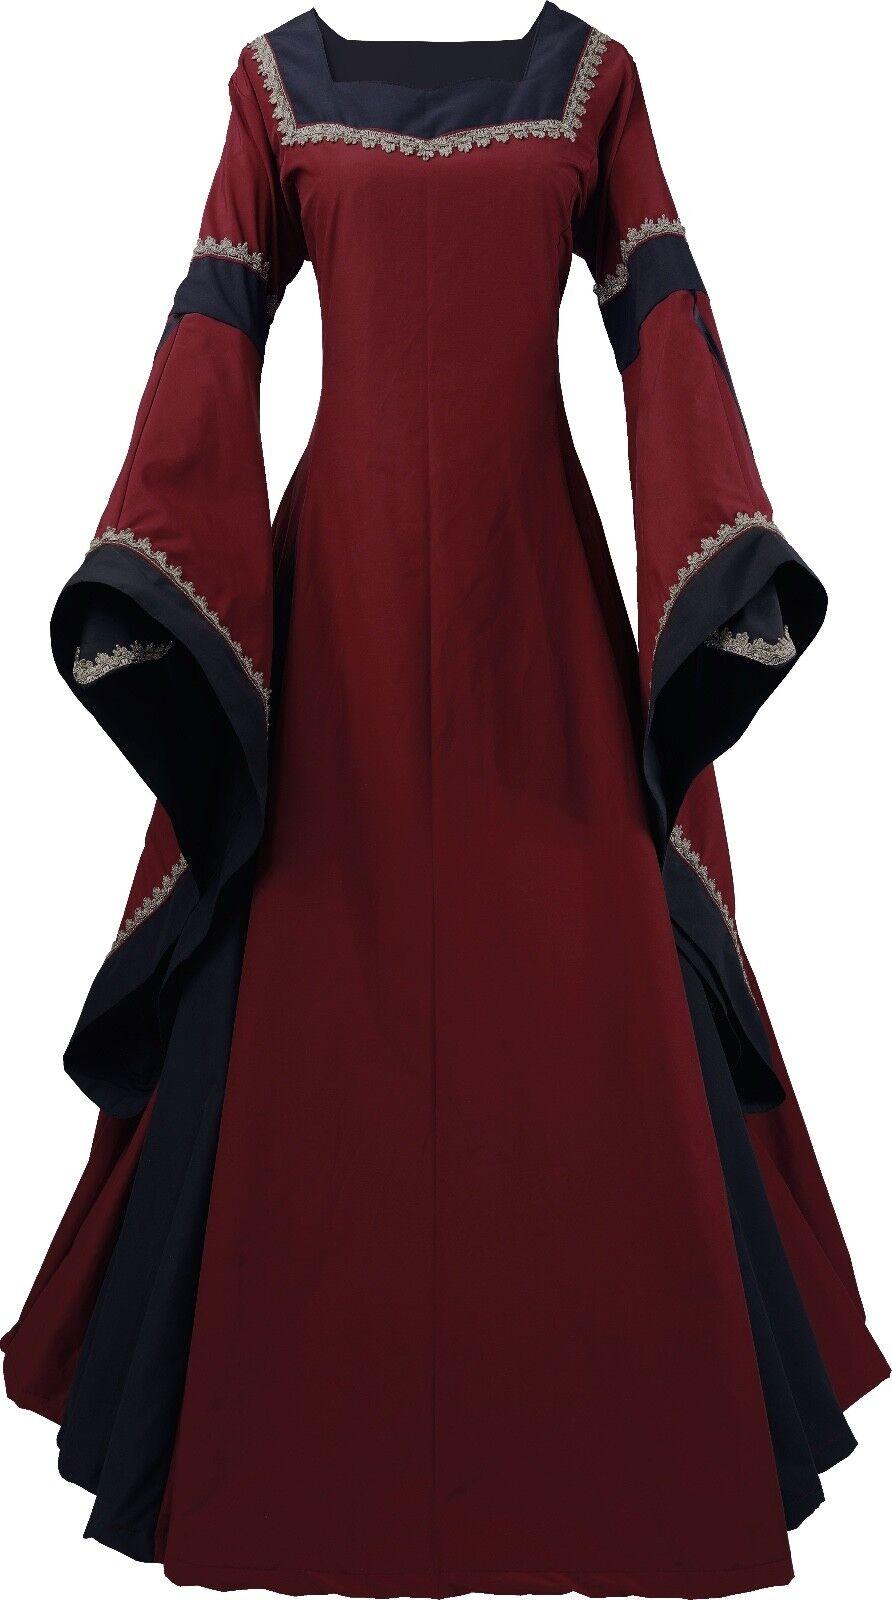 Mittelalter Karneval Larp Gewand Kleid Kostüm Guinevere Bordeaux-Schwarz XS-56     | Der Schatz des Kindes, unser Glück  | Konzentrieren Sie sich auf das Babyleben  | Neuartiges Design  | Zuverlässiger Ruf  | Elegant und feierlich